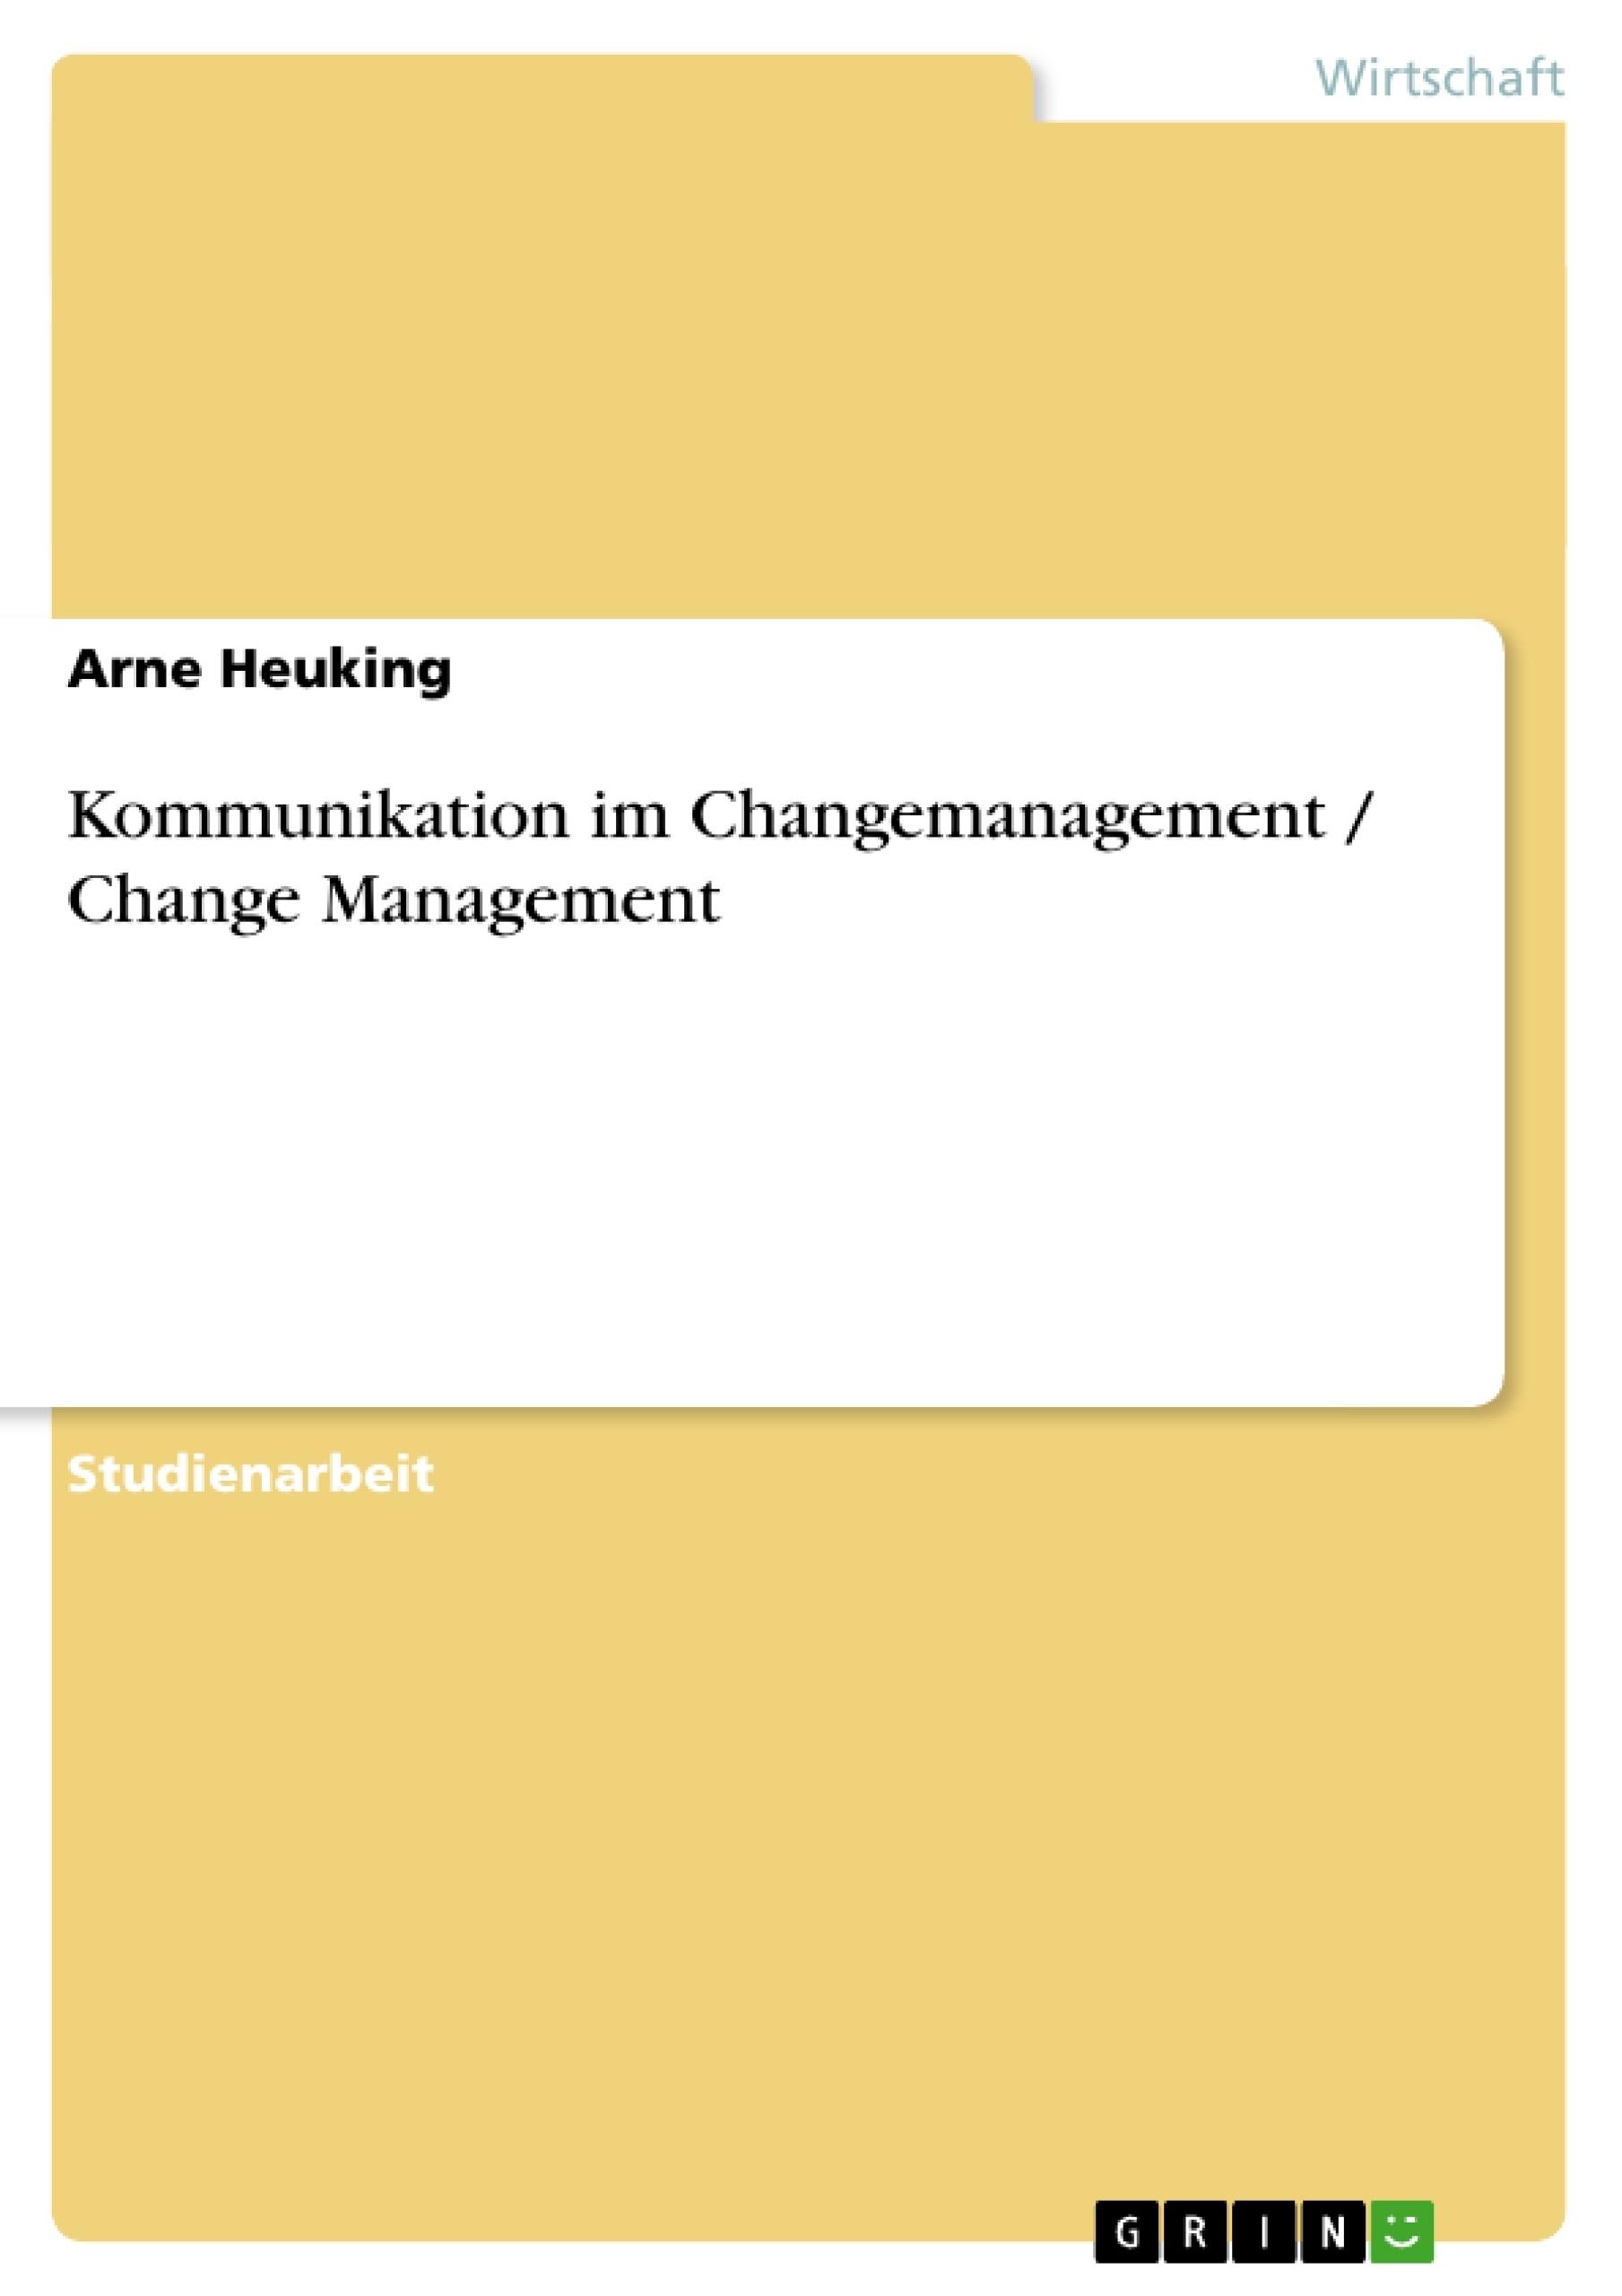 Titel: Kommunikation im Changemanagement / Change Management